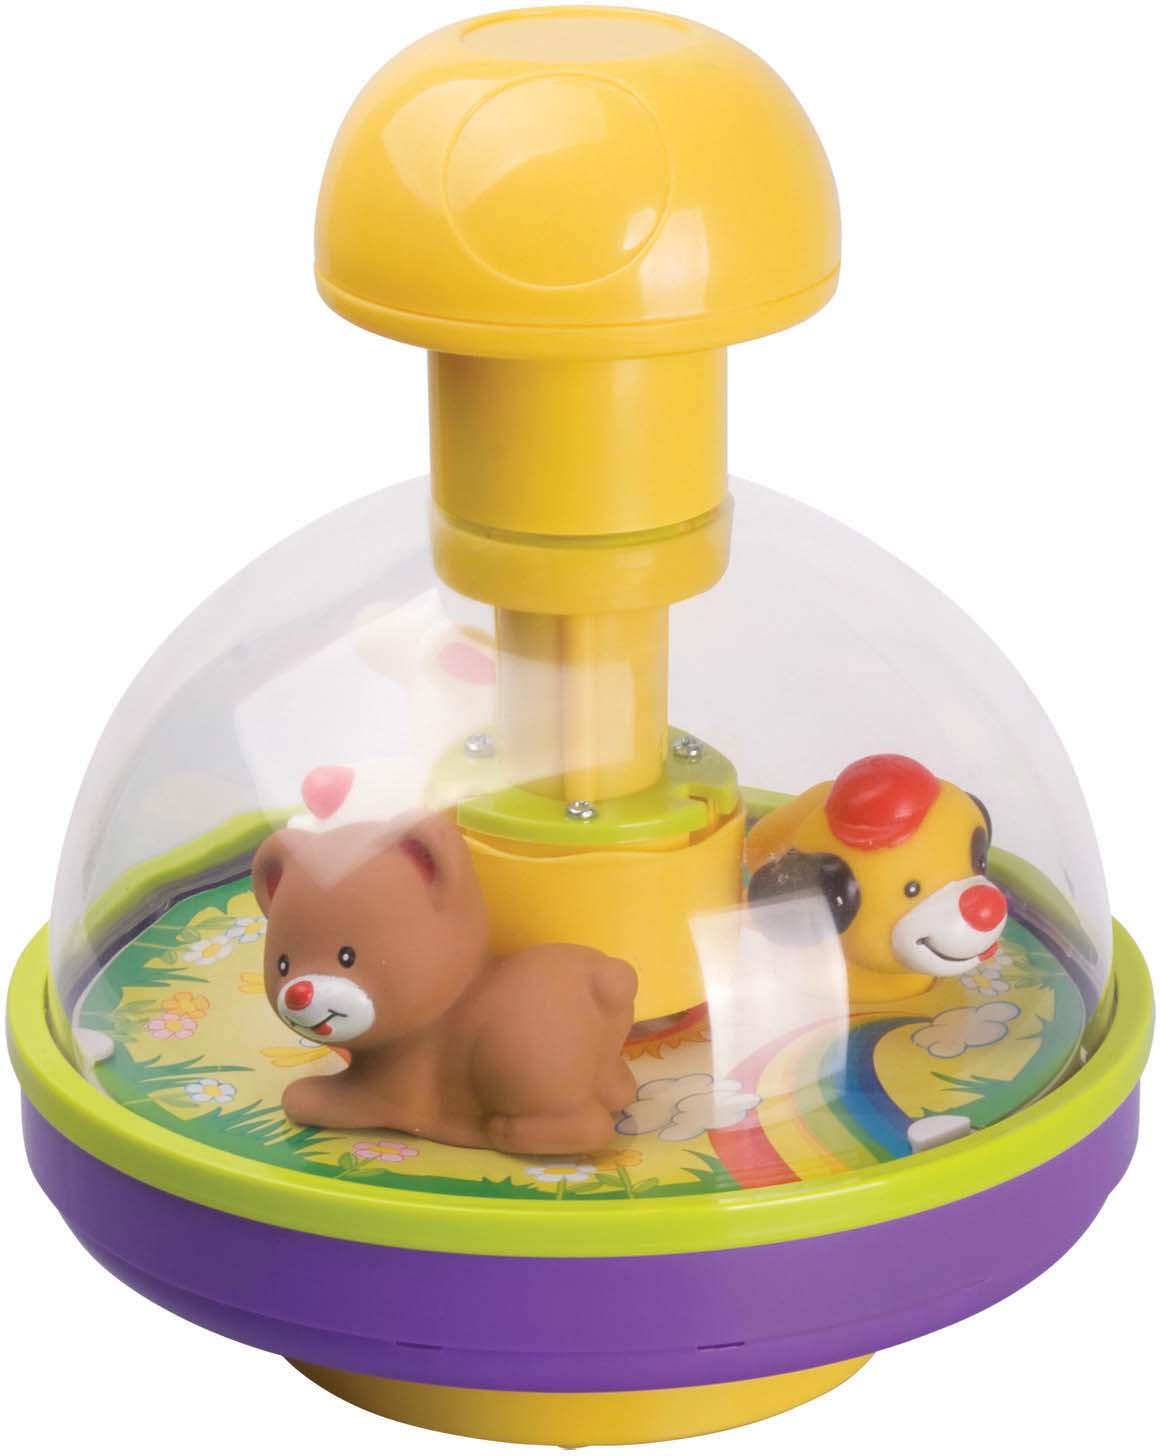 Юла Red Box Волчок, 23124-123124-1Развивающая игрушка Red Box Волчок с веселыми зверятами надолго увлечет вашего ребенка. Чтобы запустить данную игрушку ребенок должен нажать на большую удобную ручку сверху волчка, опустить её вниз до упора, и наблюдать за тем, как под прозрачным колпаком приходят в движение зверята – медвежонок, зайчик и щенок. Зверята начинают крутиться на карусели, бегая по кругу. Рекомендуем!